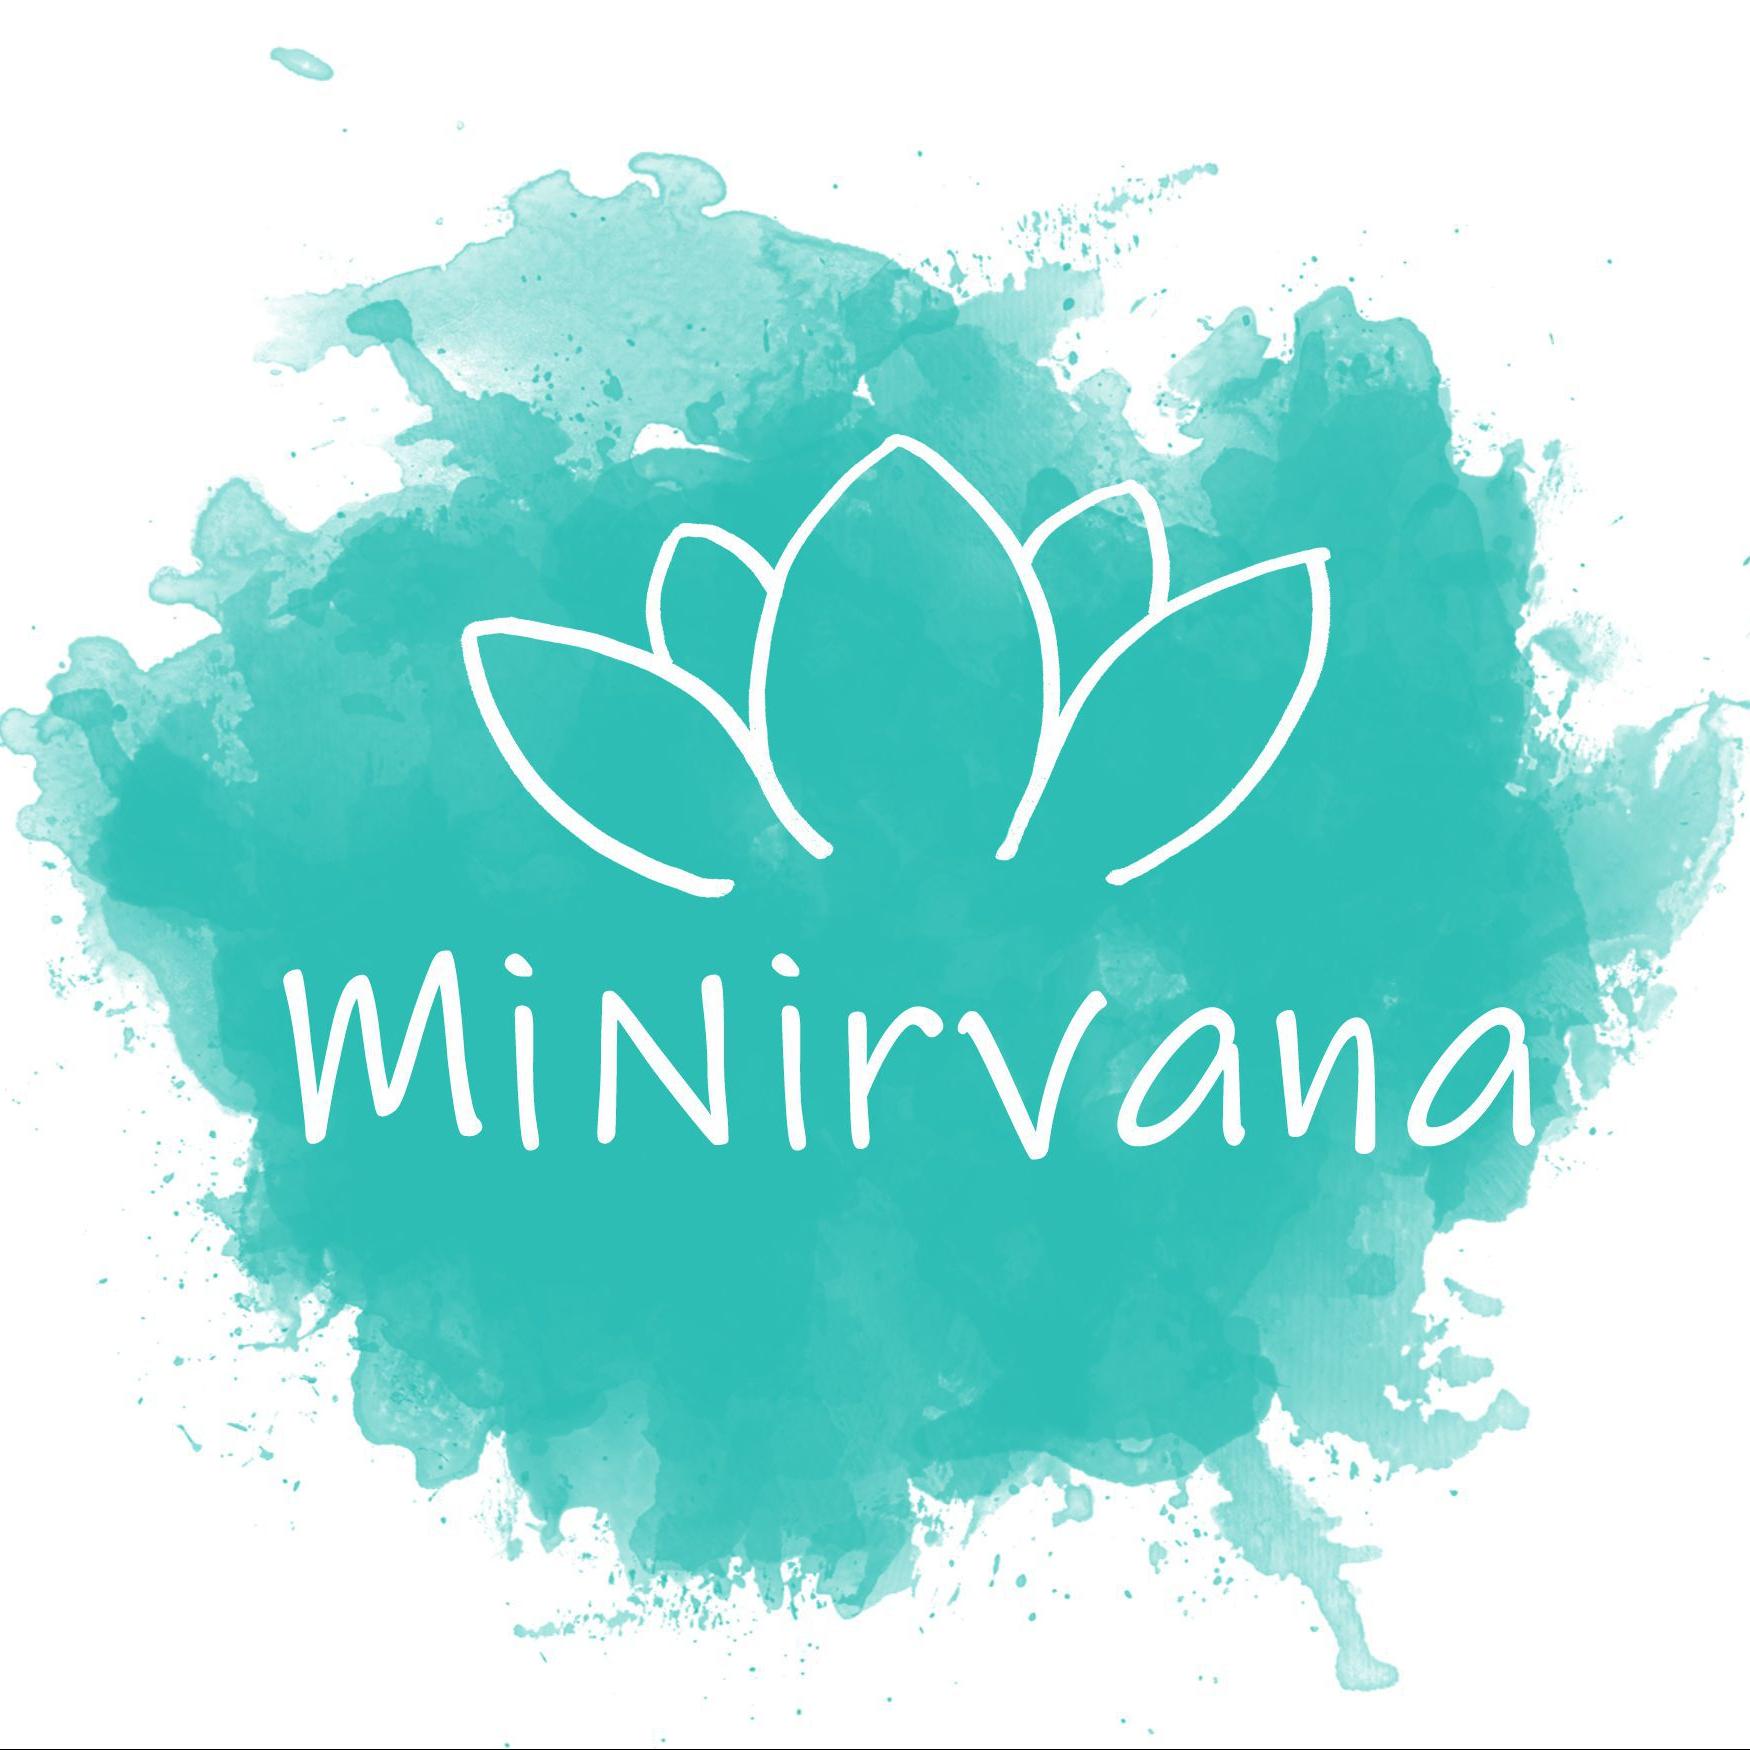 MiNirvana